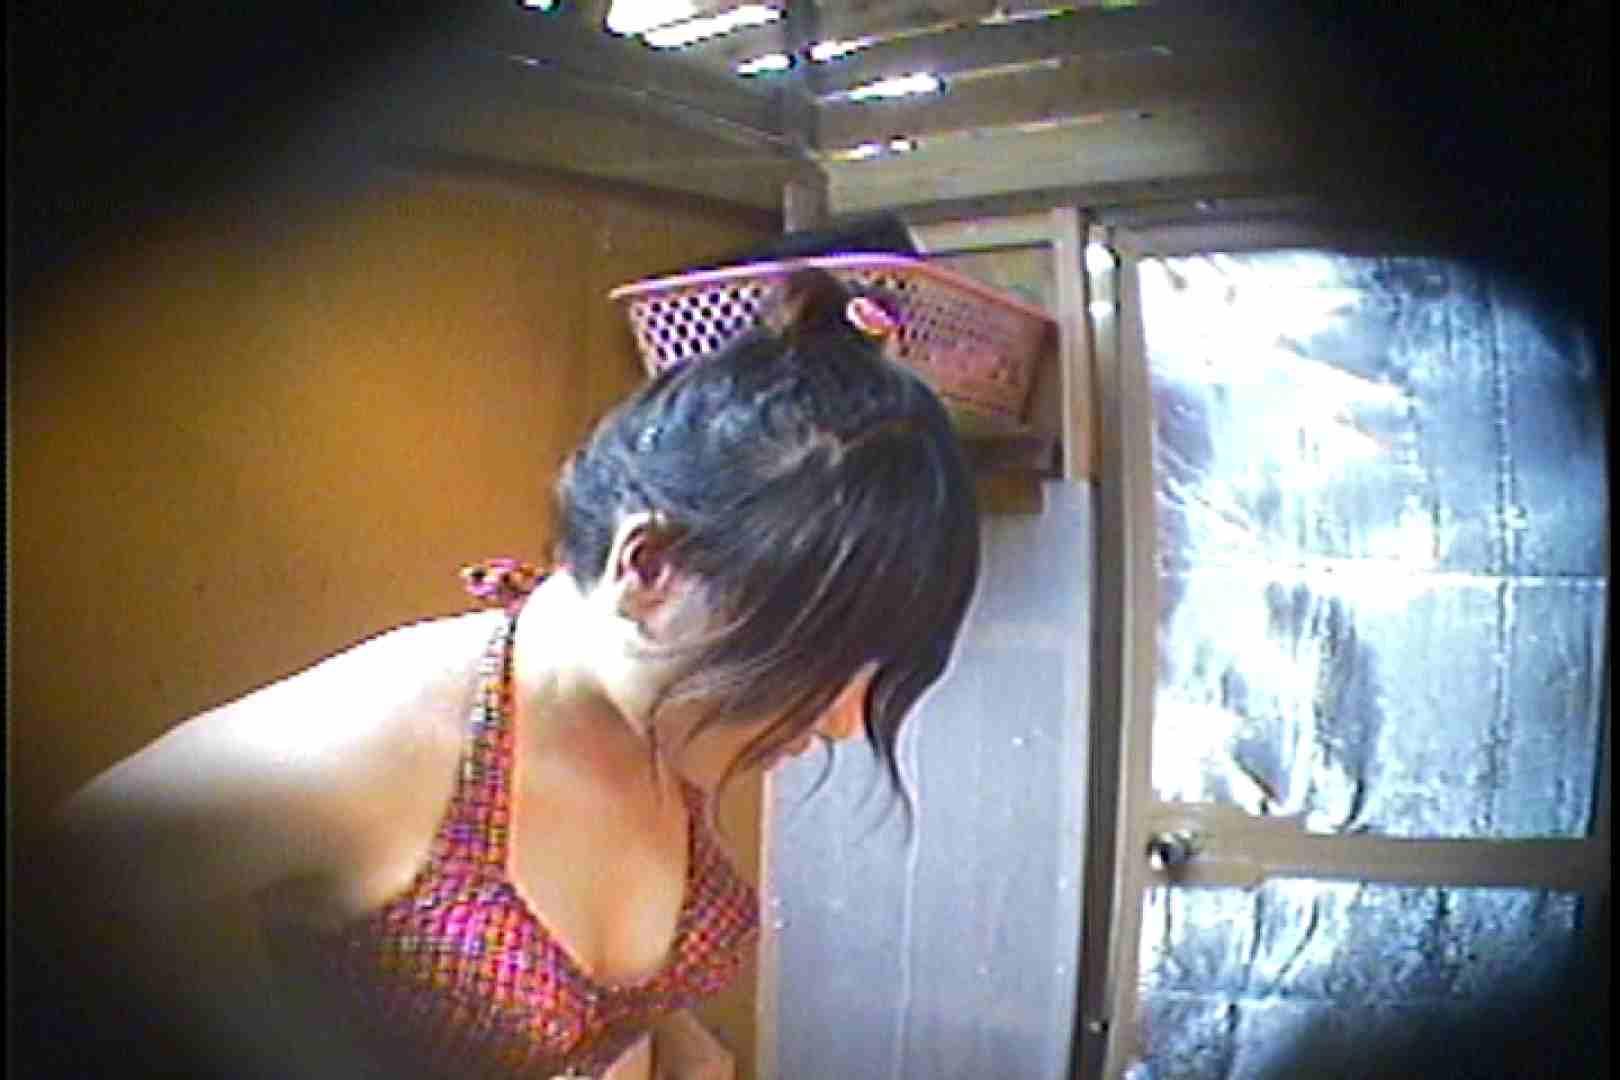 海の家の更衣室 Vol.37 シャワー のぞきおめこ無修正画像 43pic 2